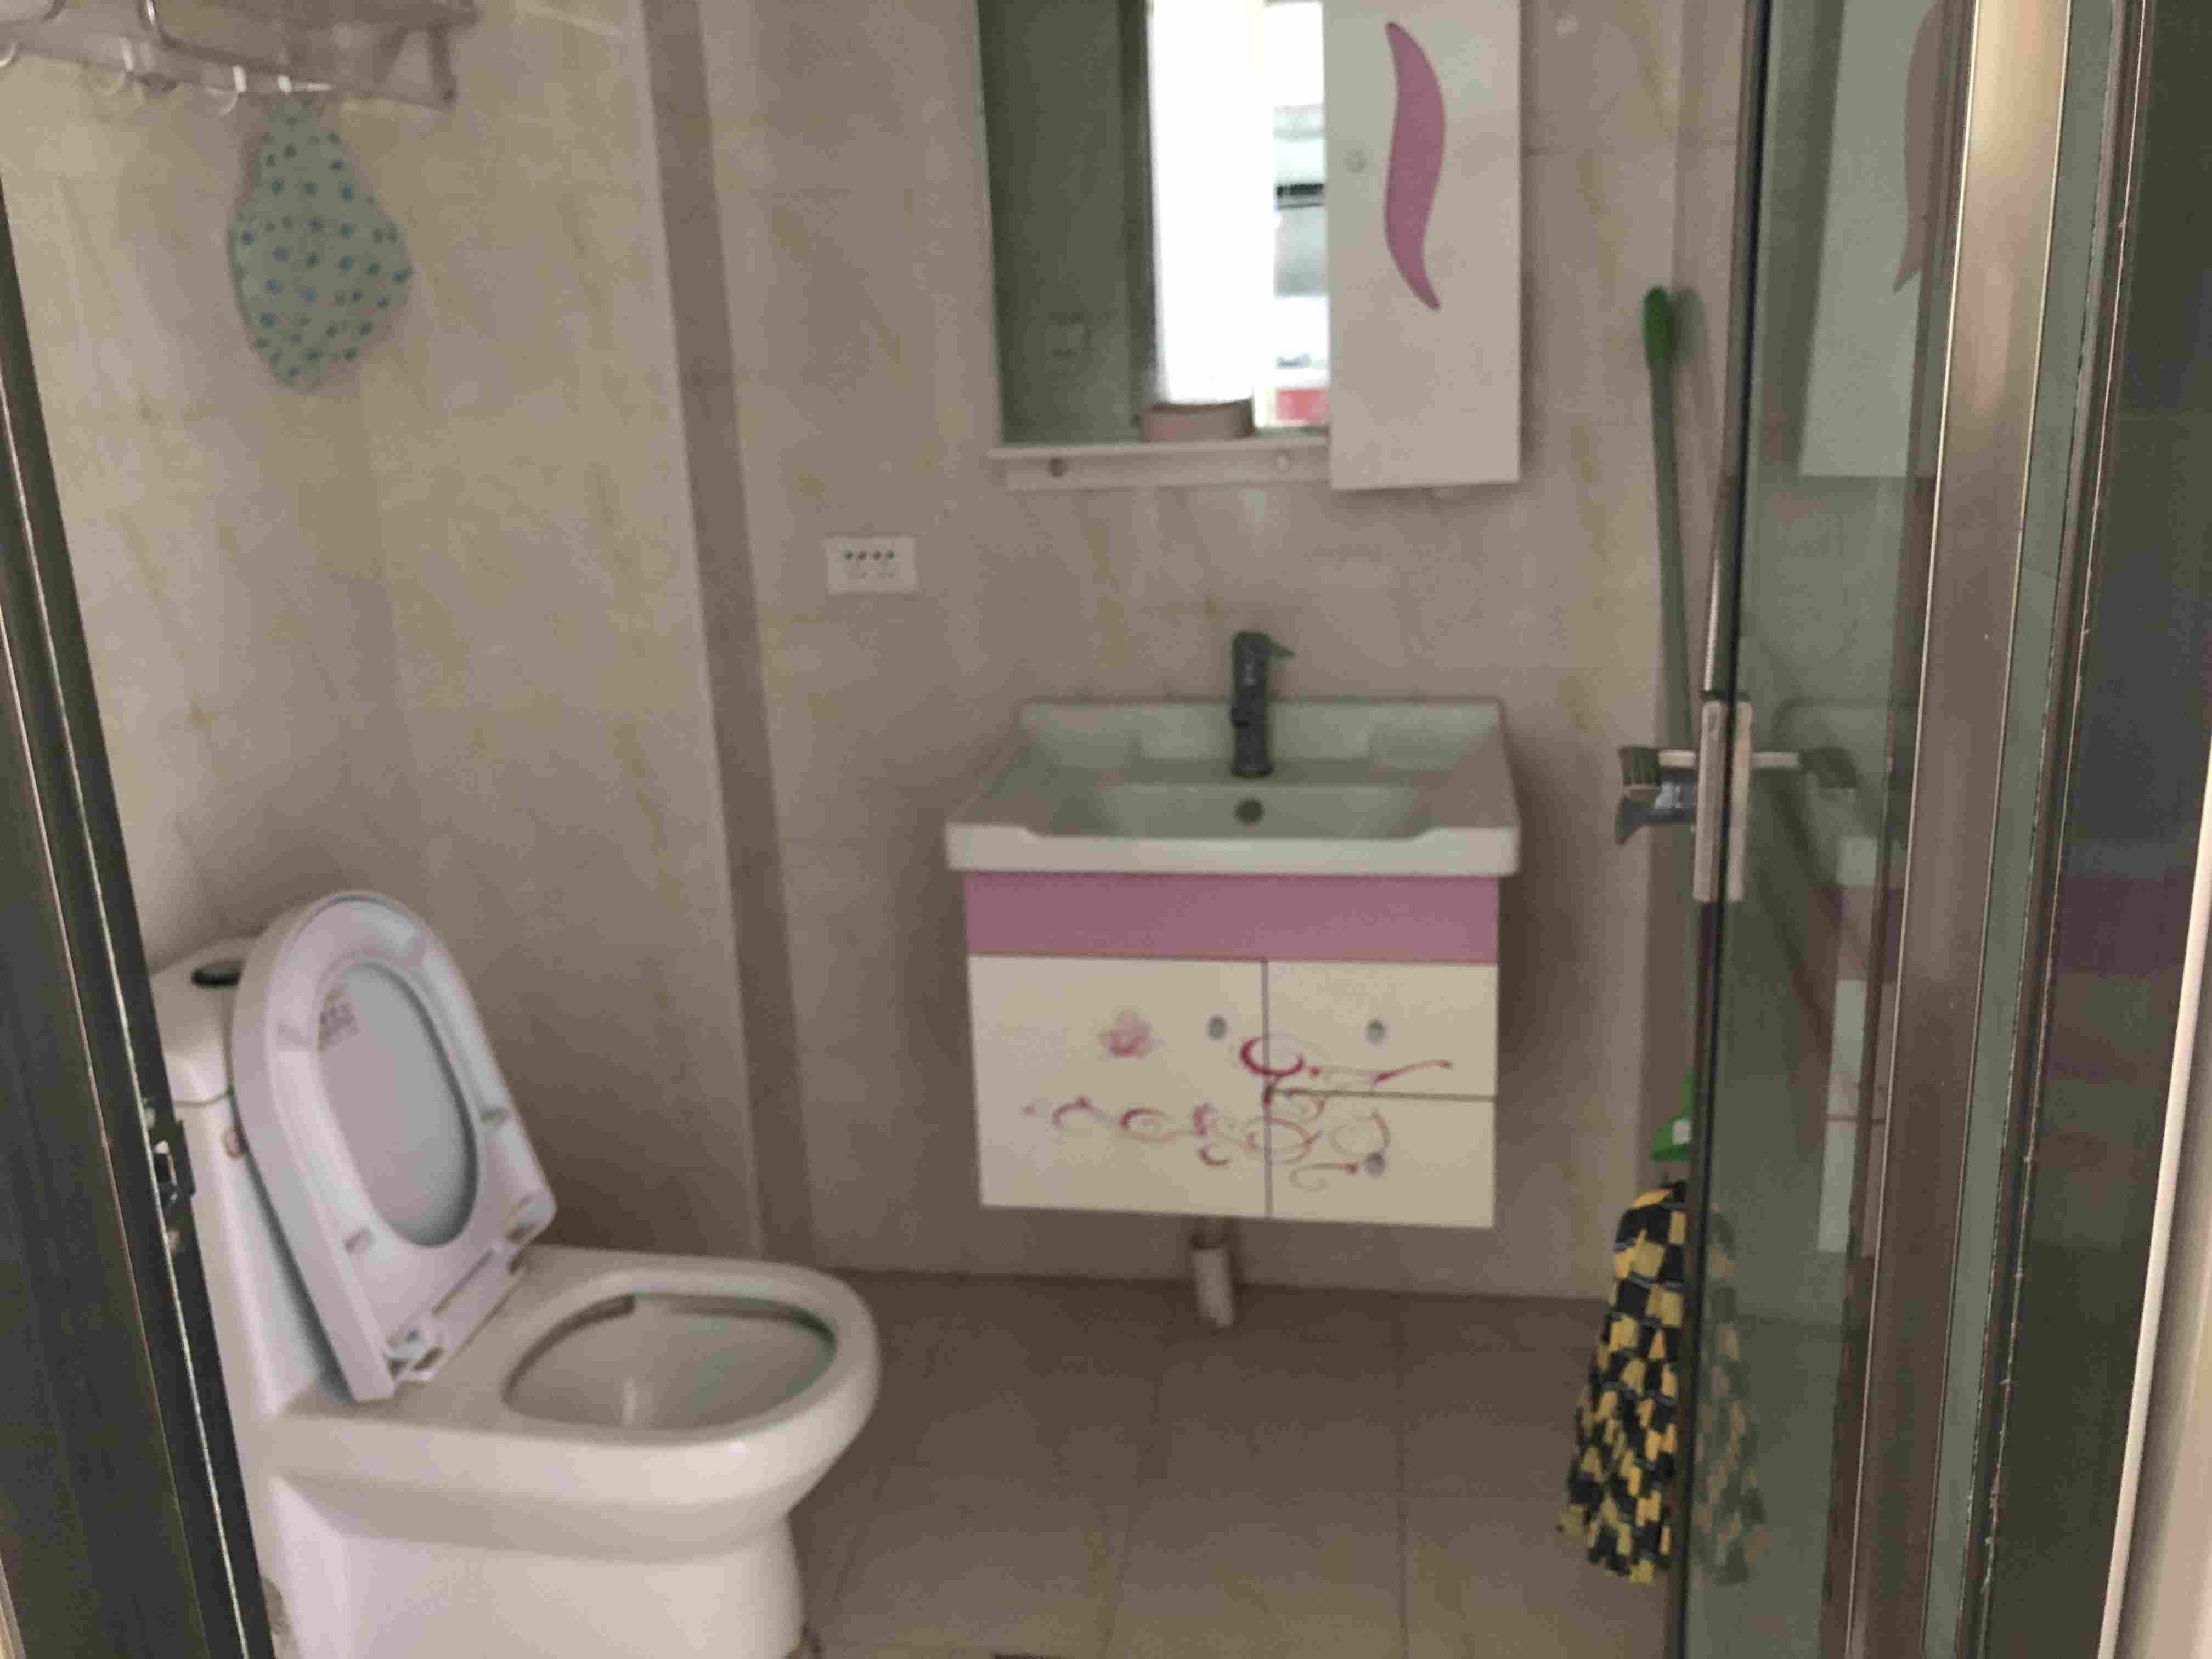 樟华国际 一室一厅 单身公寓 看房方便 配套齐全